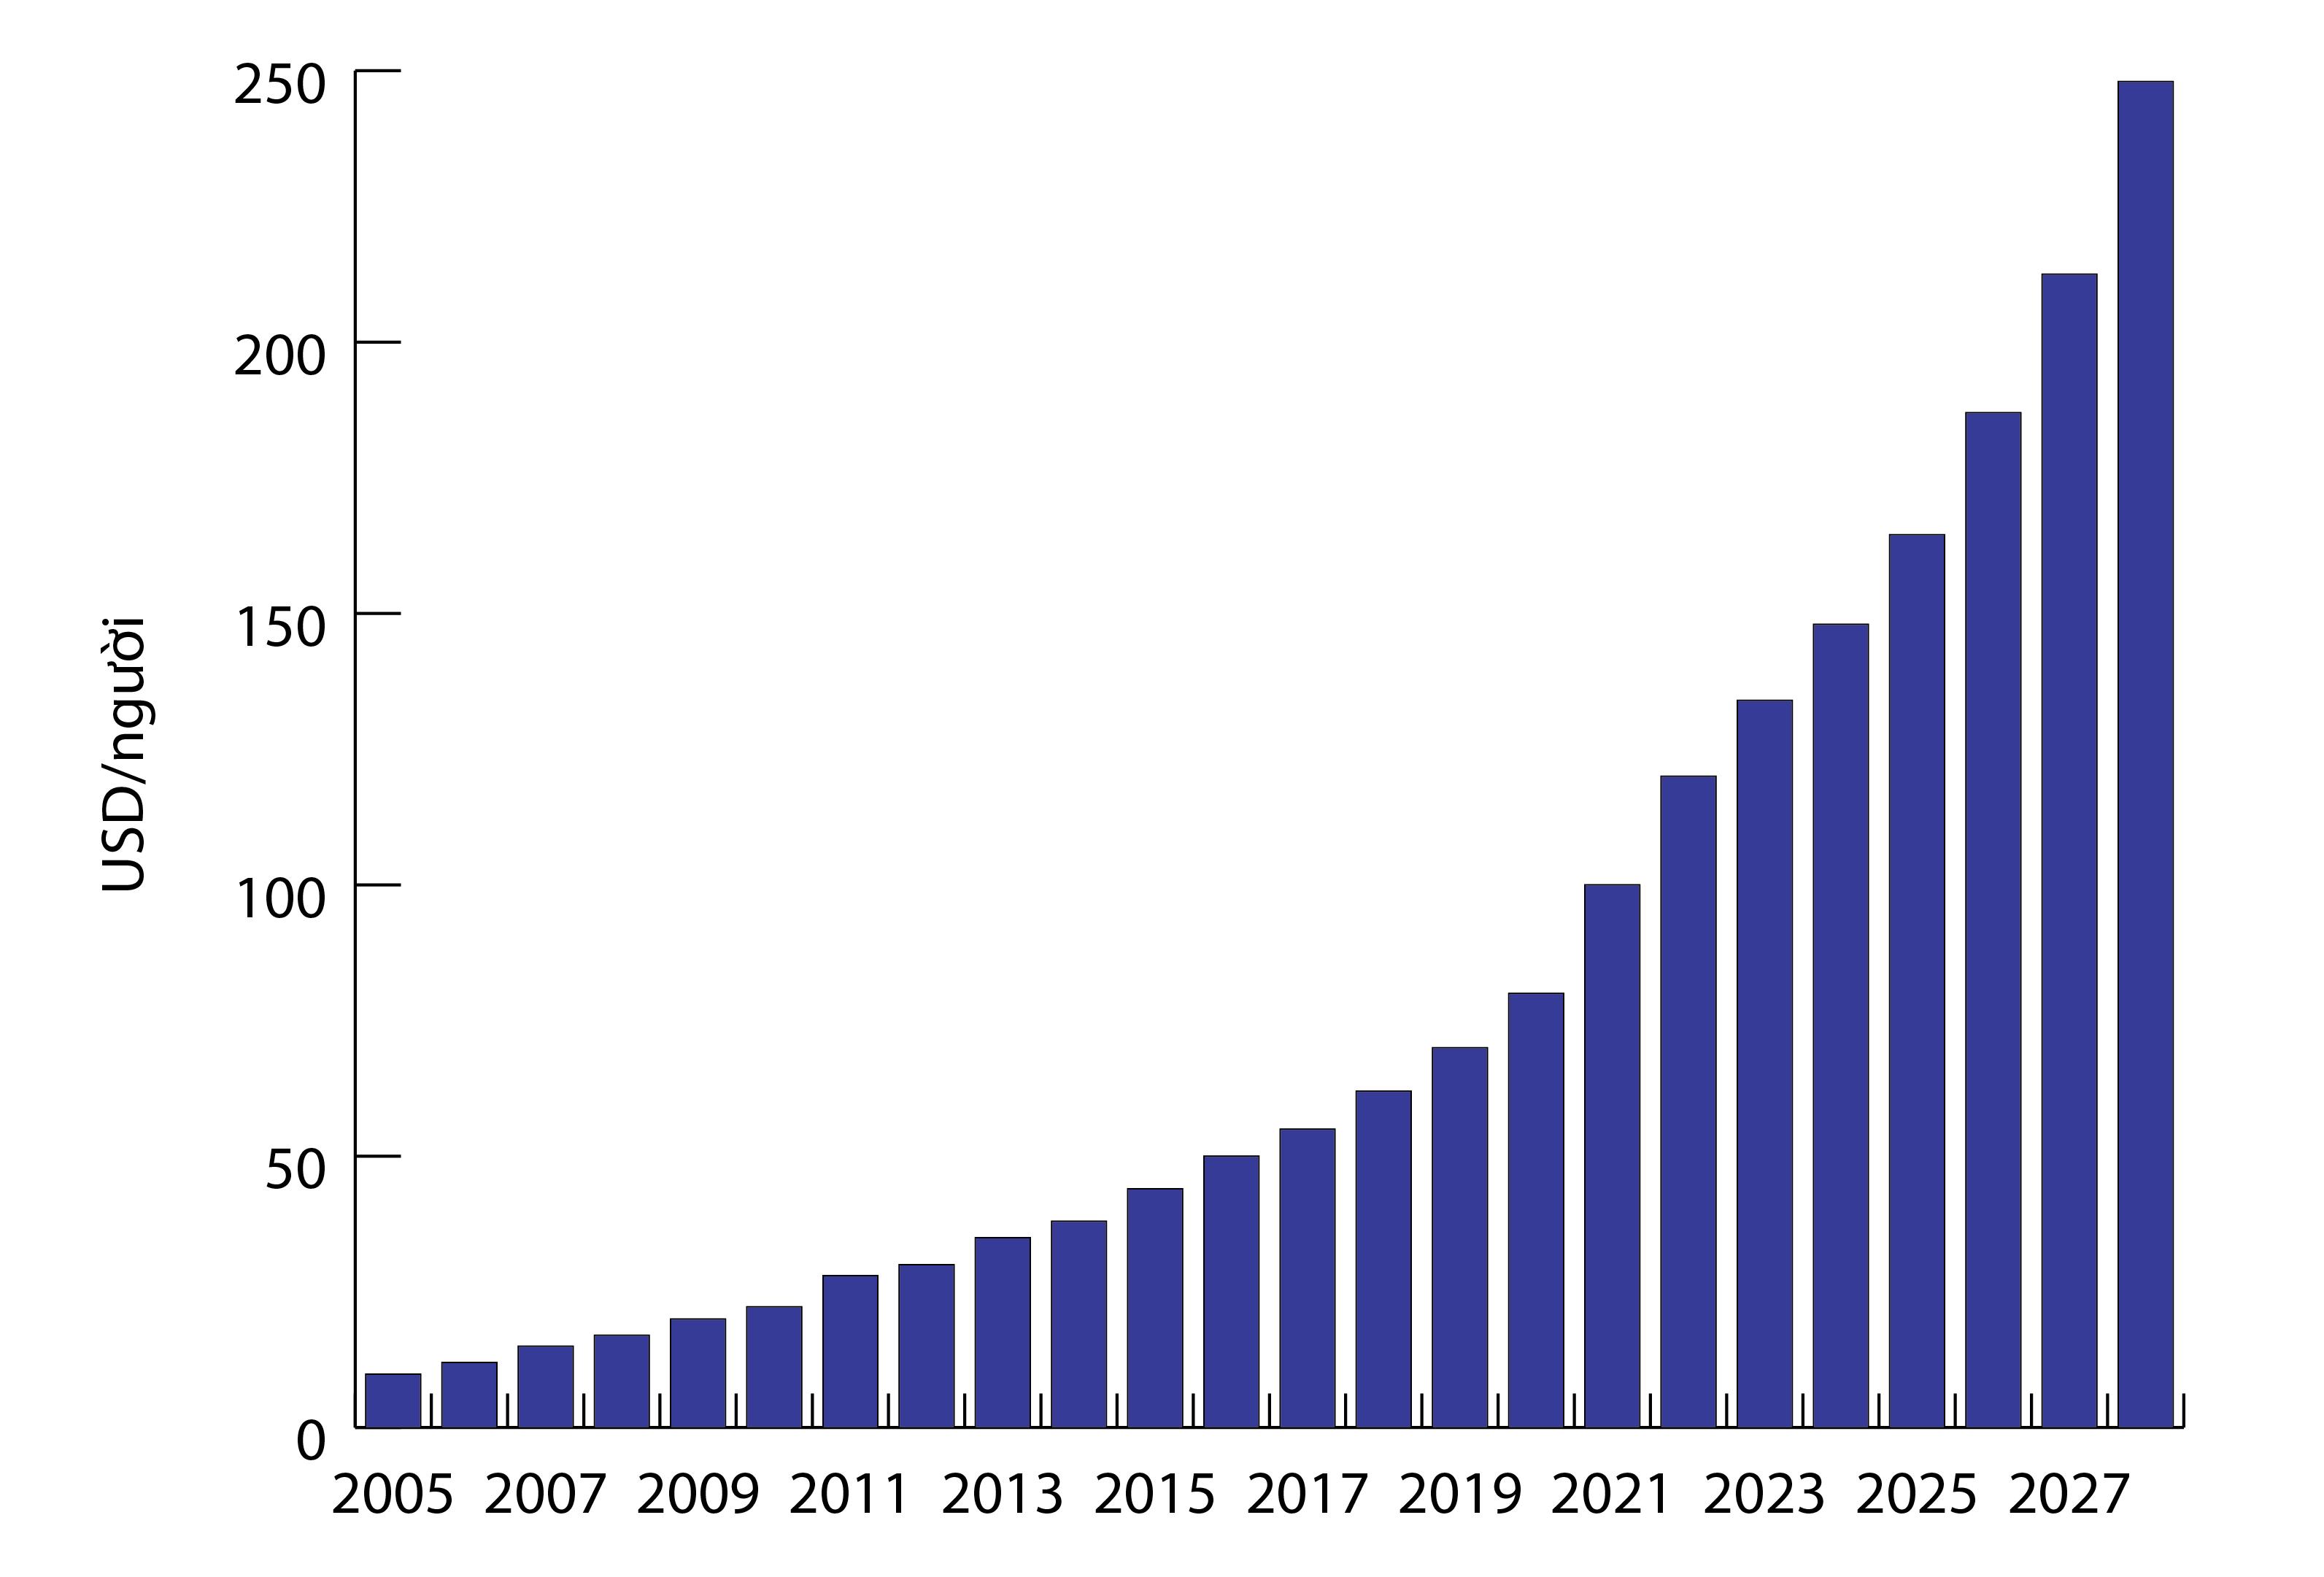 Chi tiêu tiền thuốc bình quân đầu người tại Việt Nam từ năm 2005 và dự báo đến năm 2027